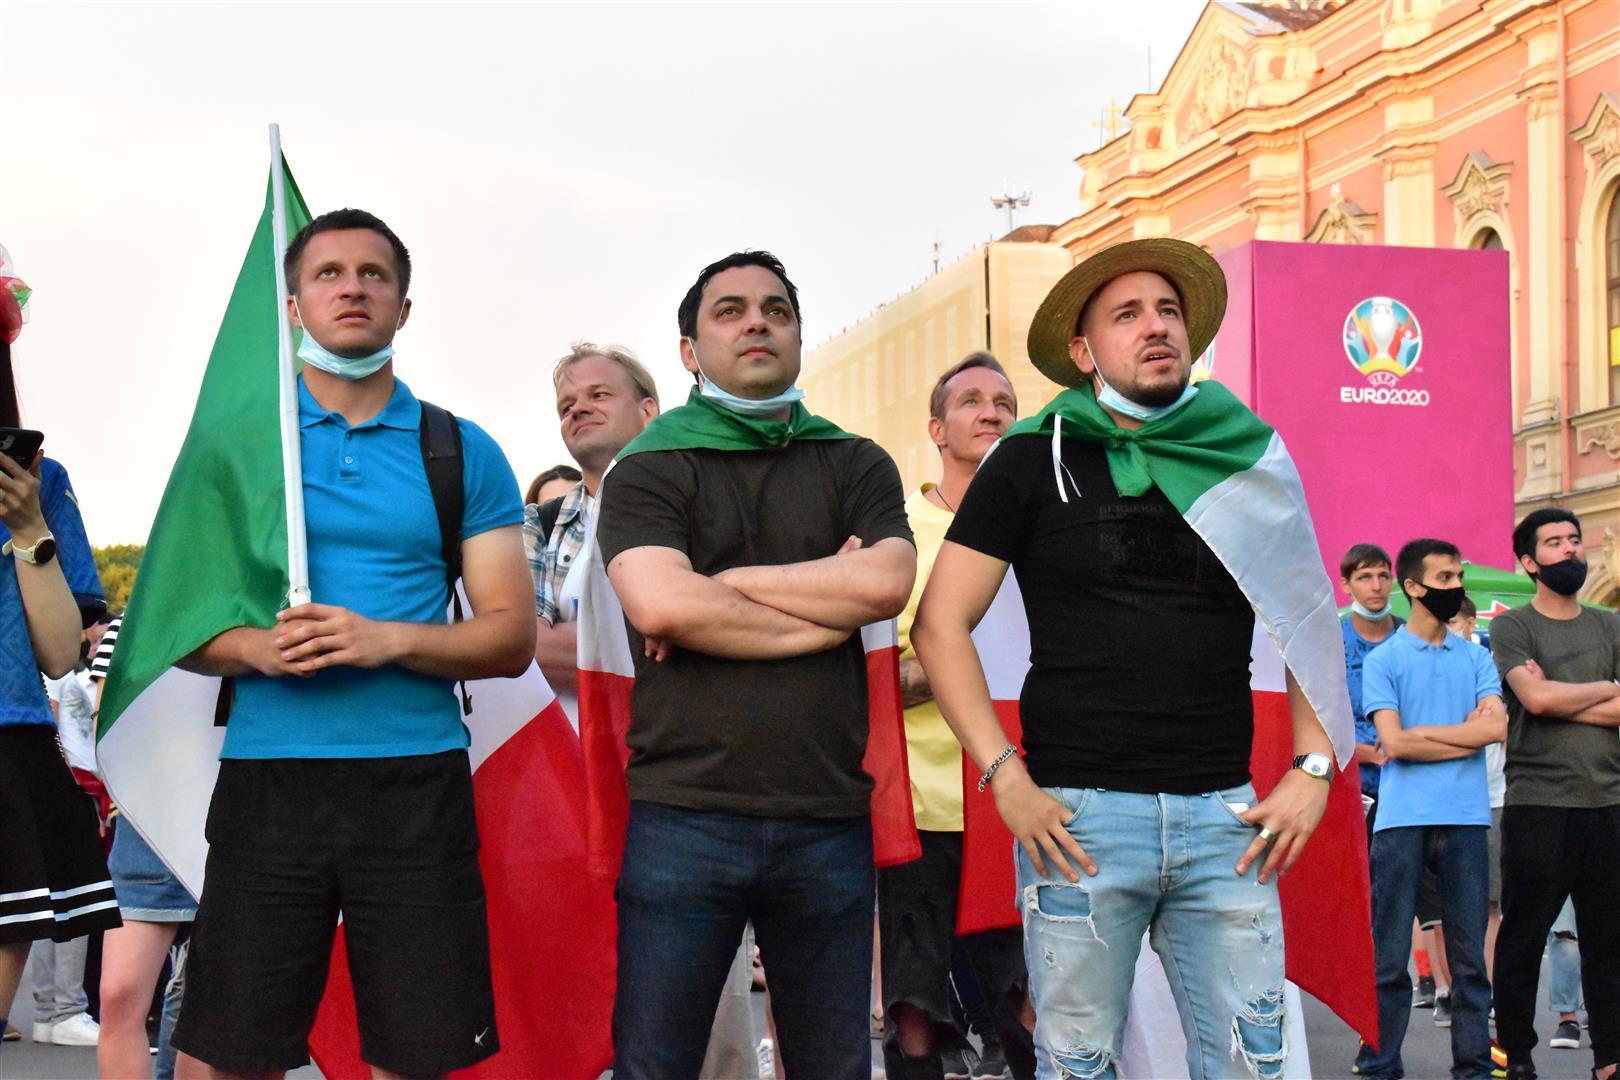 сборная италии по футболу. австрия. итоги матча .сборная дании по футболу. евро 2020. уэльс. чемпионат европы по футболу